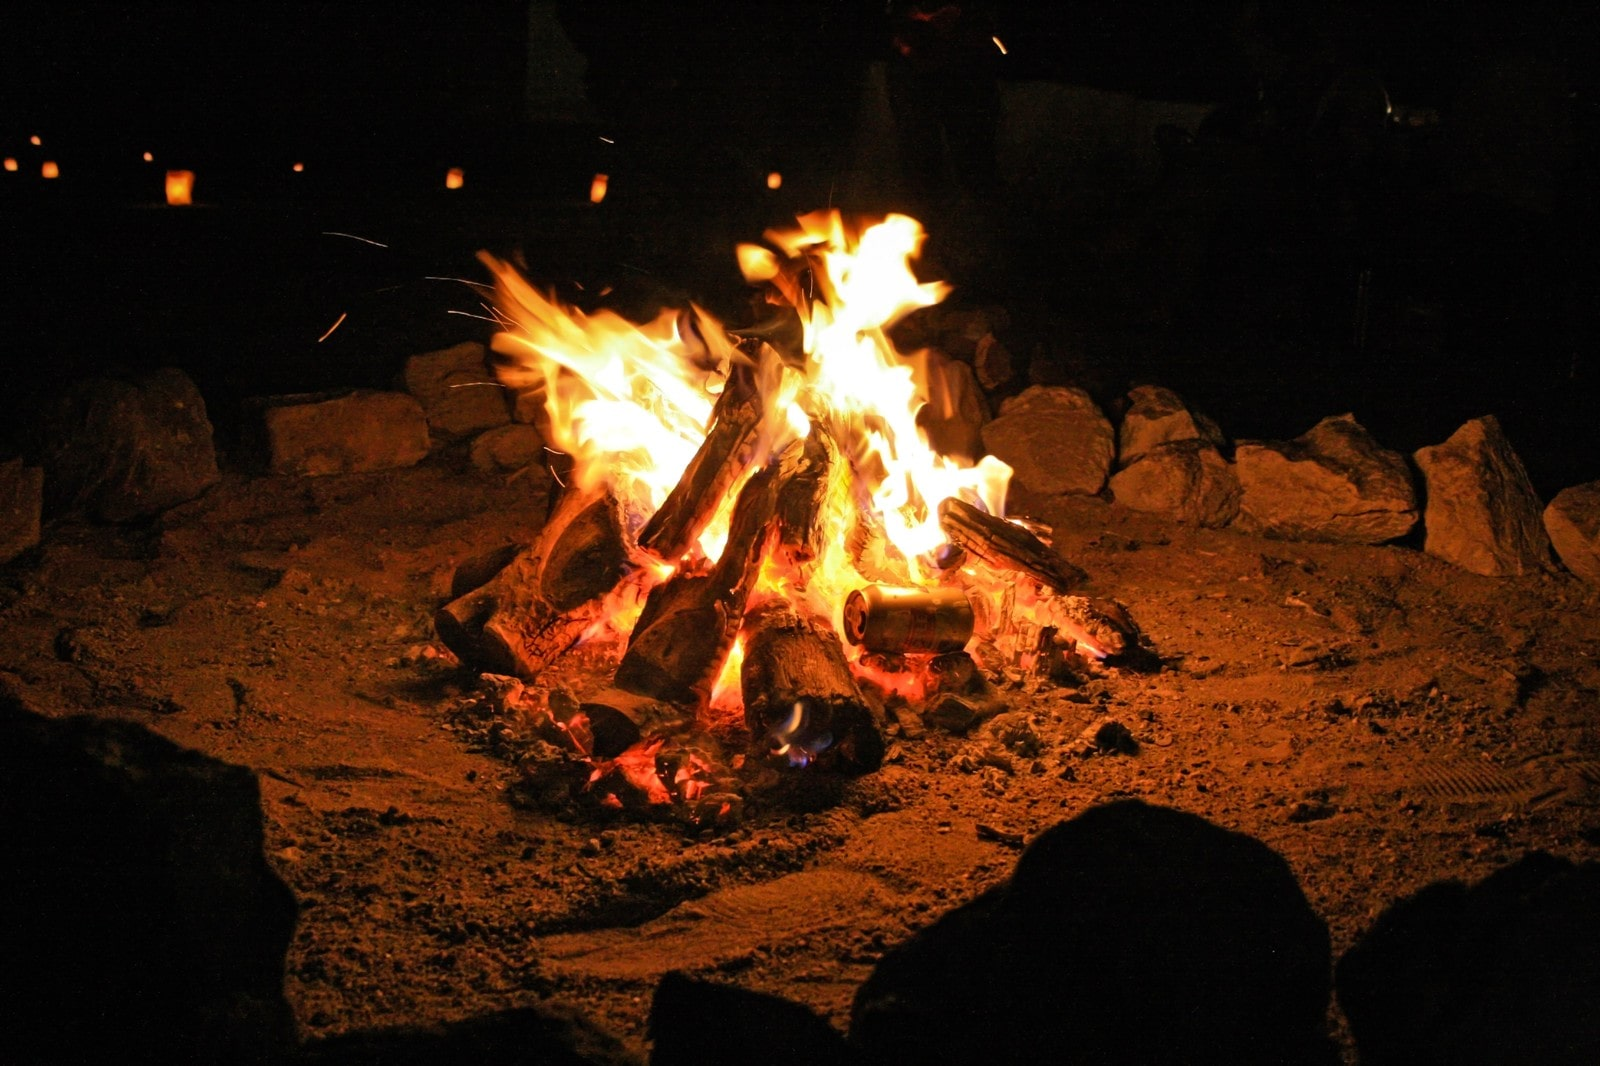 燃え盛る焚き火と行灯